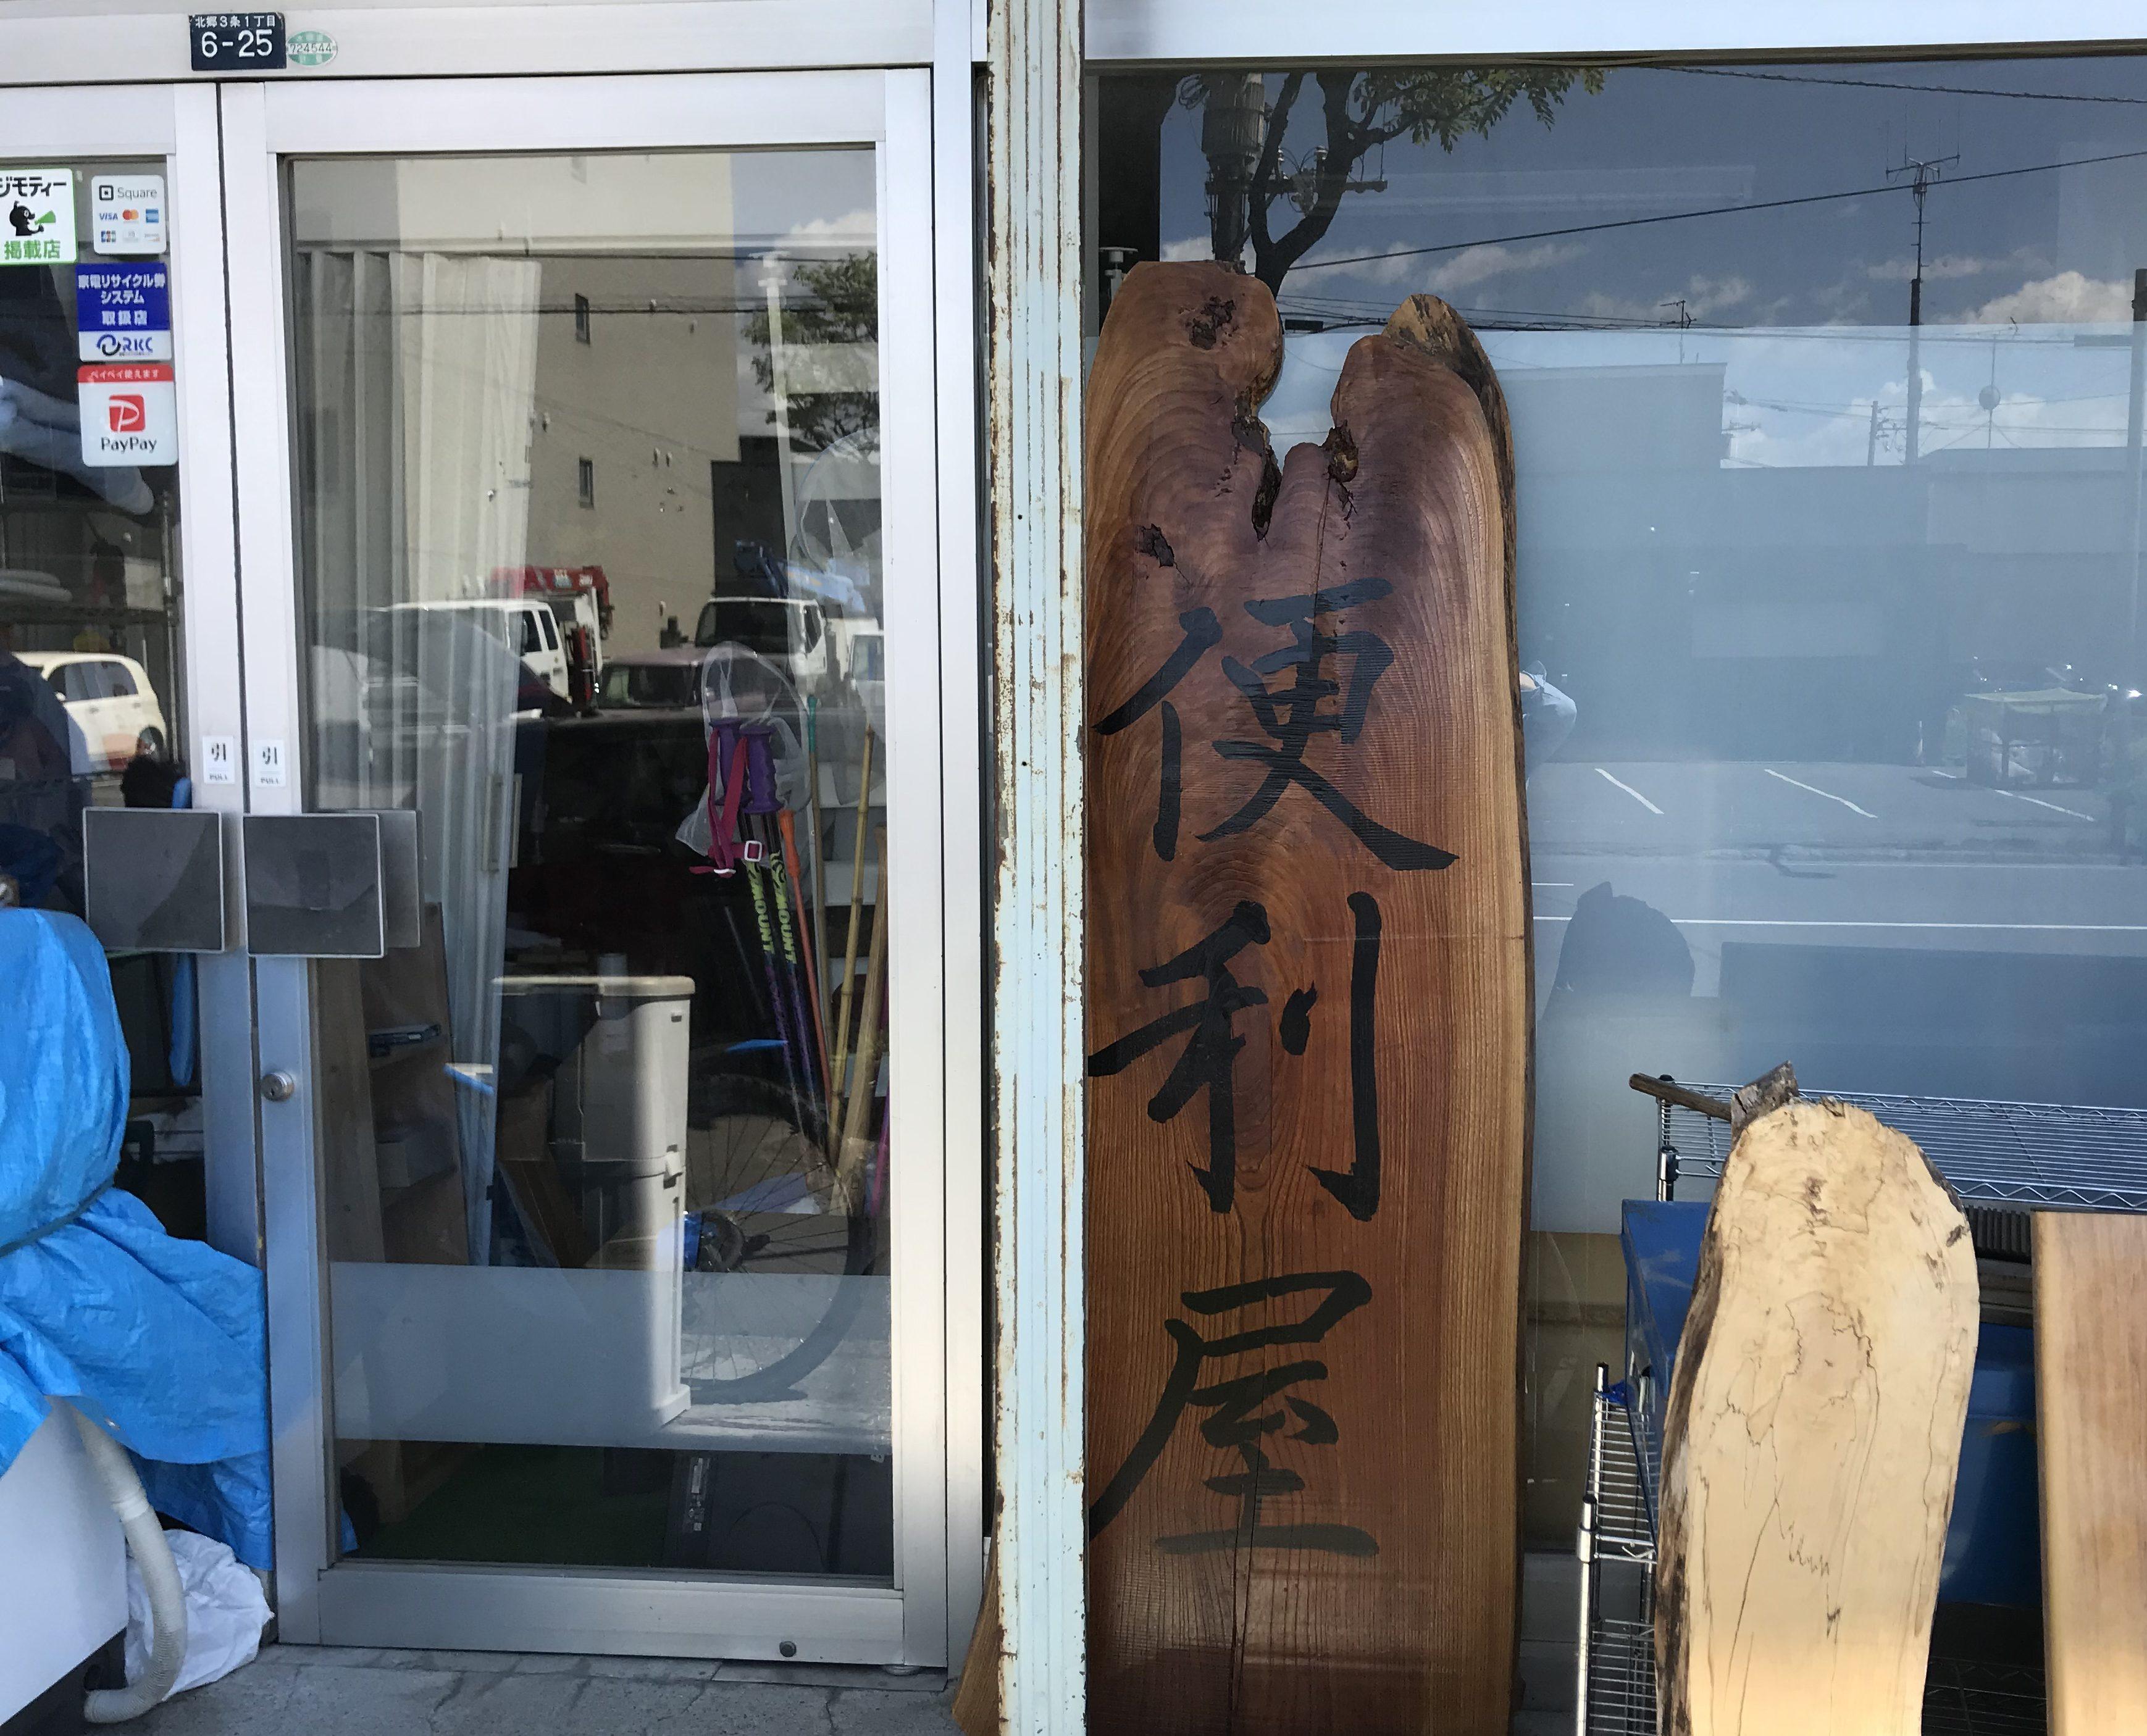 喜茂別町の家・部屋の片付け、不用品の処分、ゴミ屋敷清掃、遺品整理、クロス張替なら便利屋ラビット